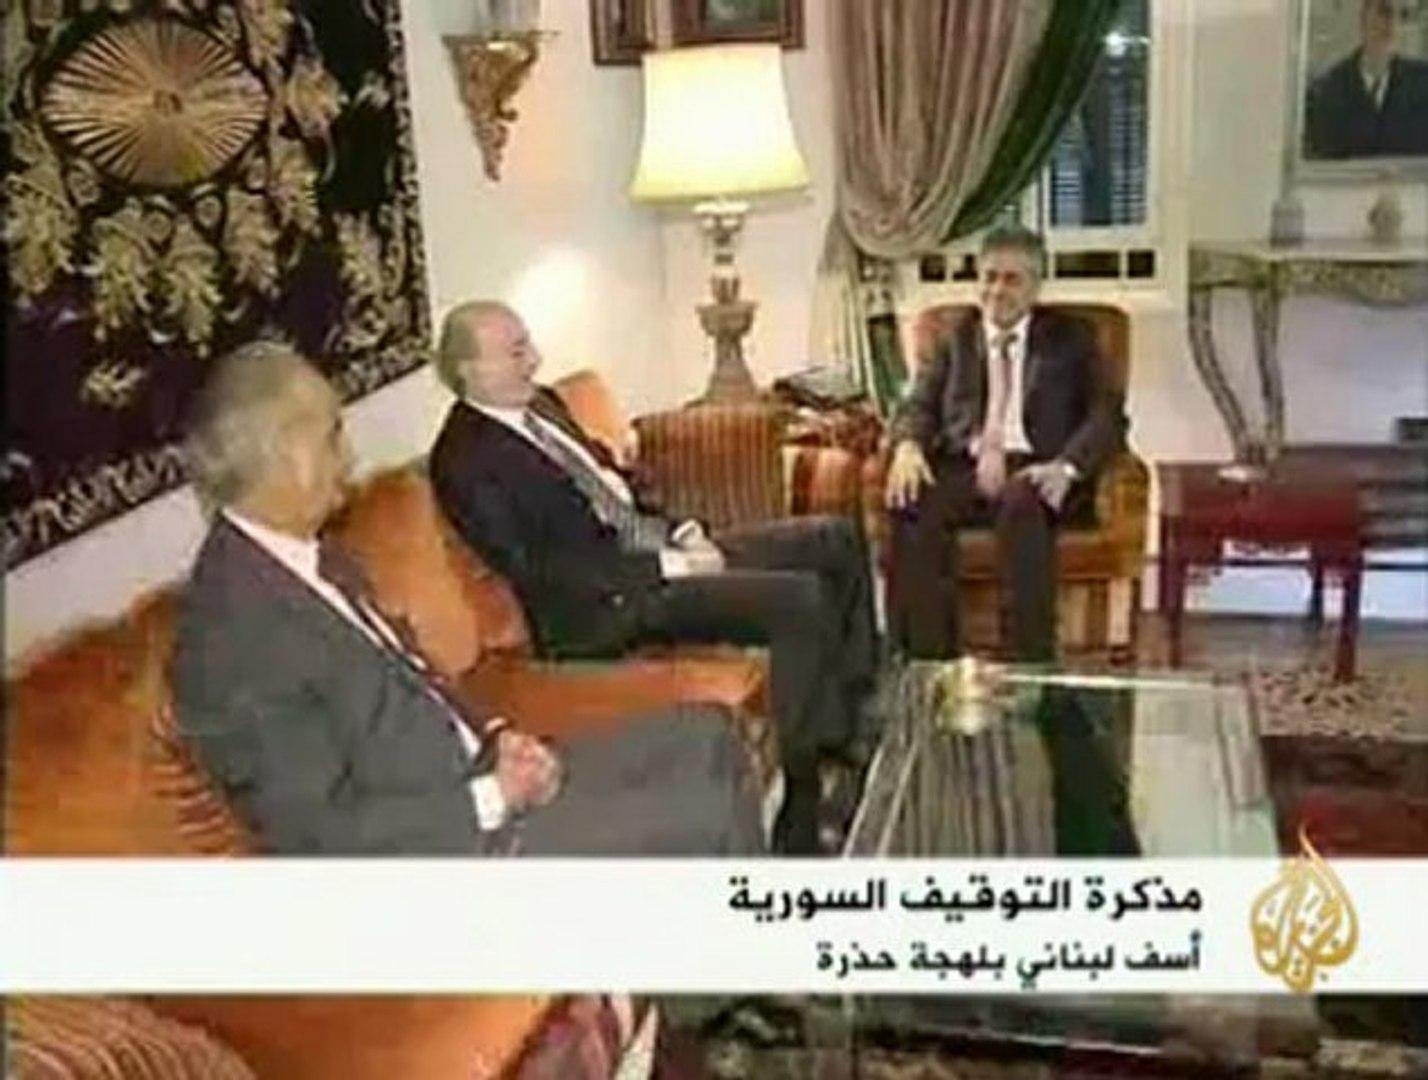 حرص لبناني على العلاقات مع سوريا